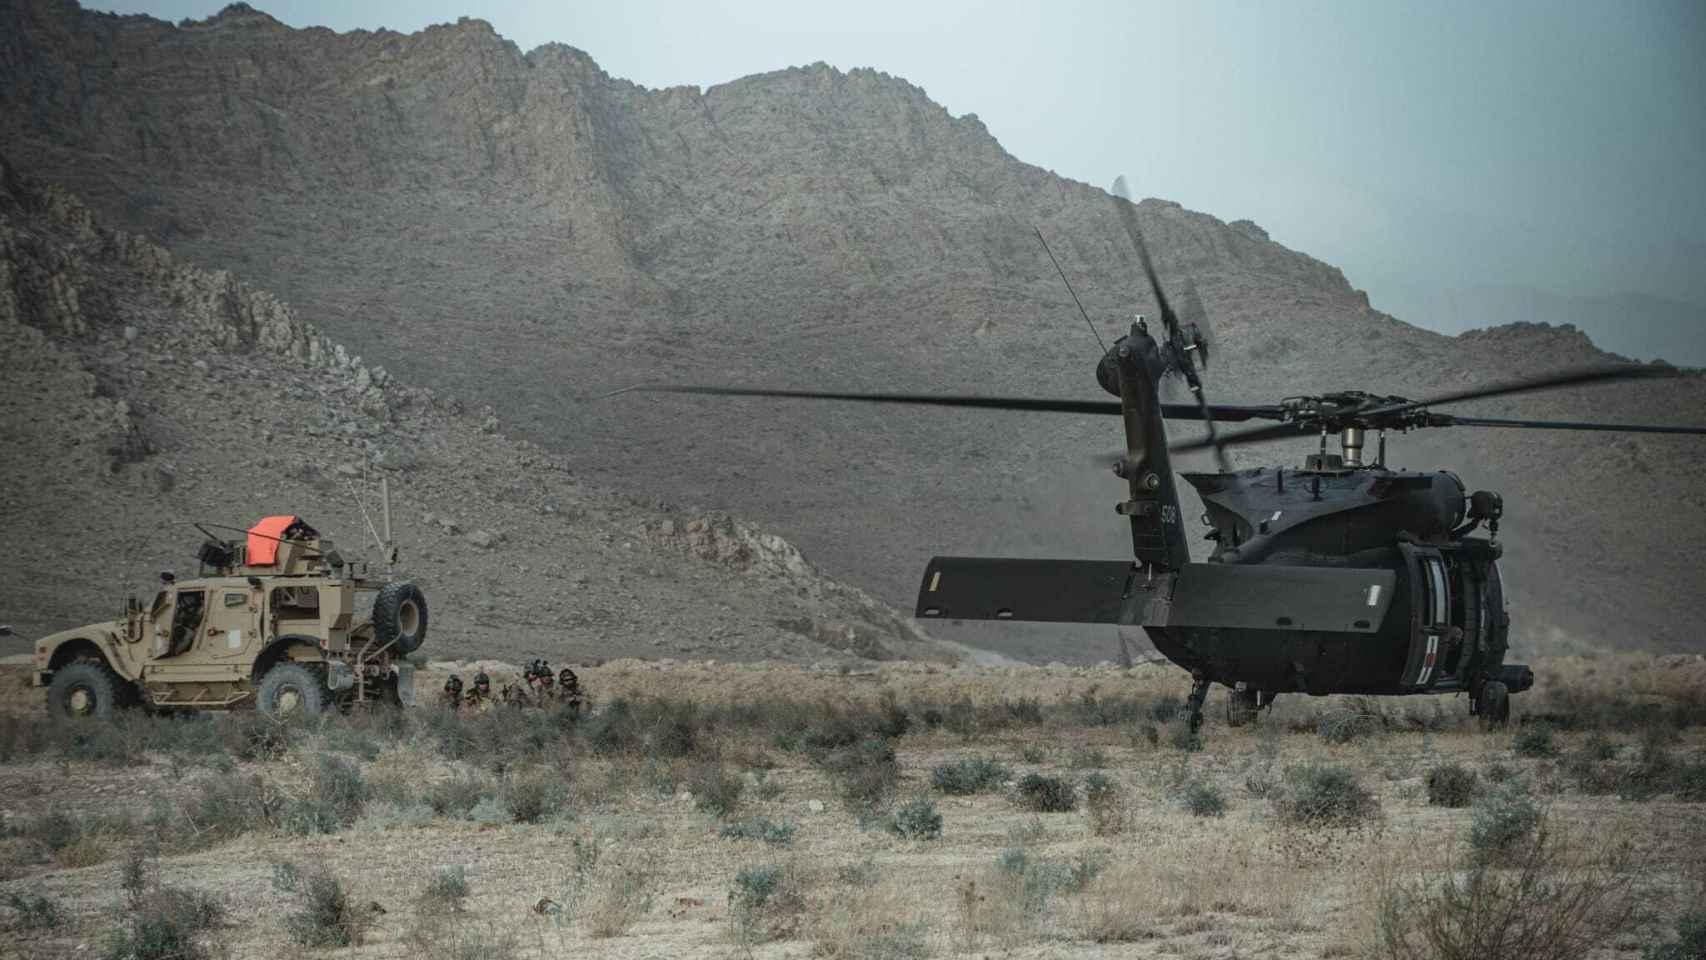 Los últimos días de las Fuerzas Armadas en Afganistán